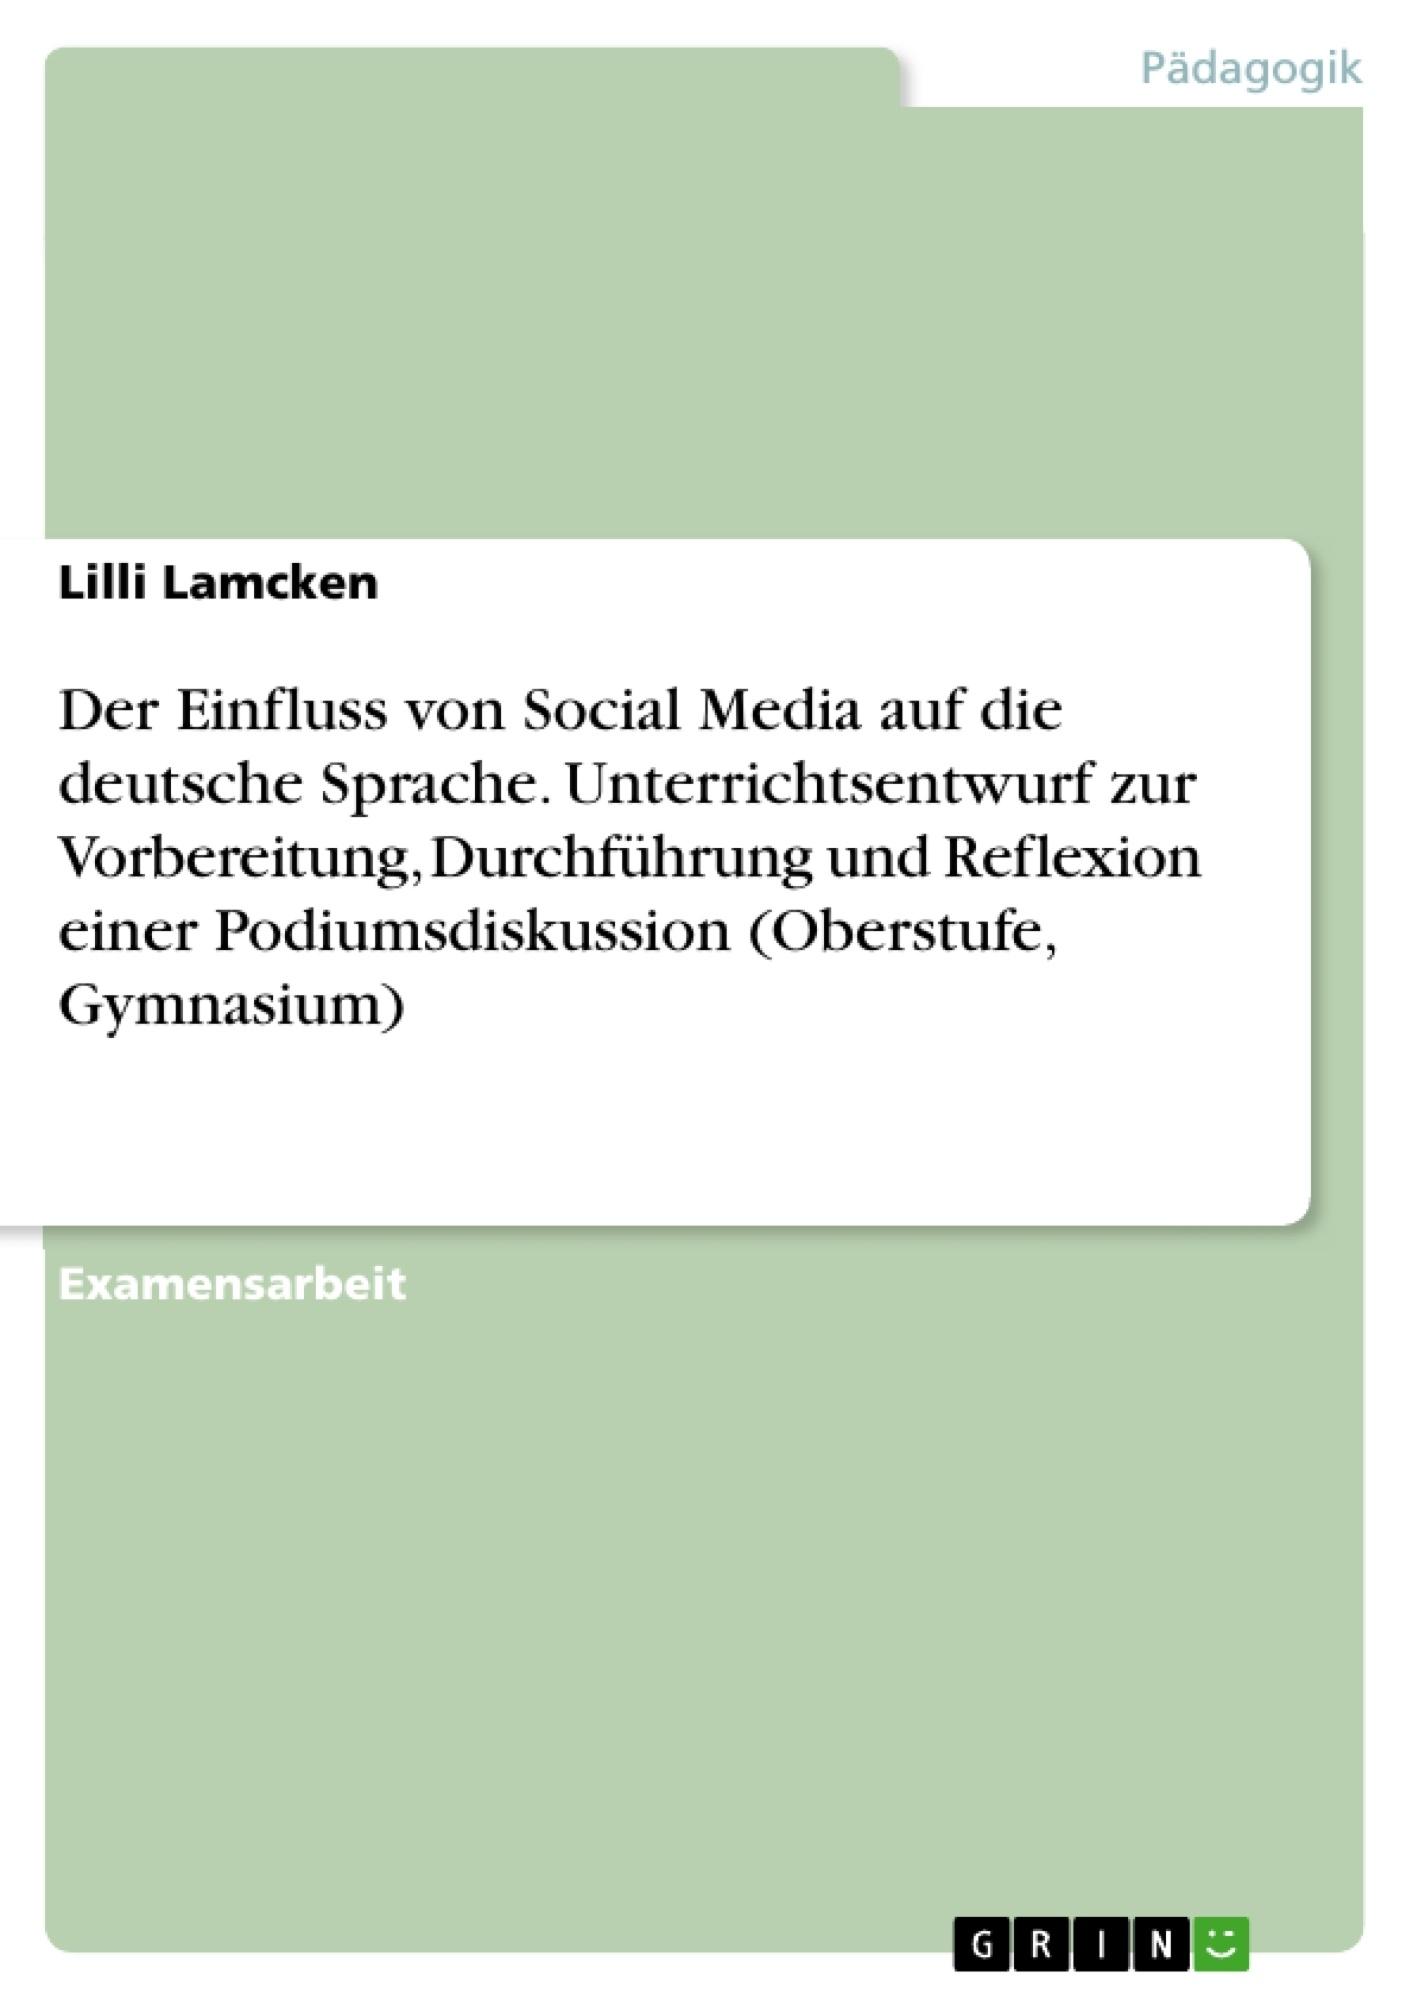 Titel: Der Einfluss von Social Media auf die deutsche Sprache. Unterrichtsentwurf zur Vorbereitung, Durchführung und Reflexion einer Podiumsdiskussion (Oberstufe, Gymnasium)